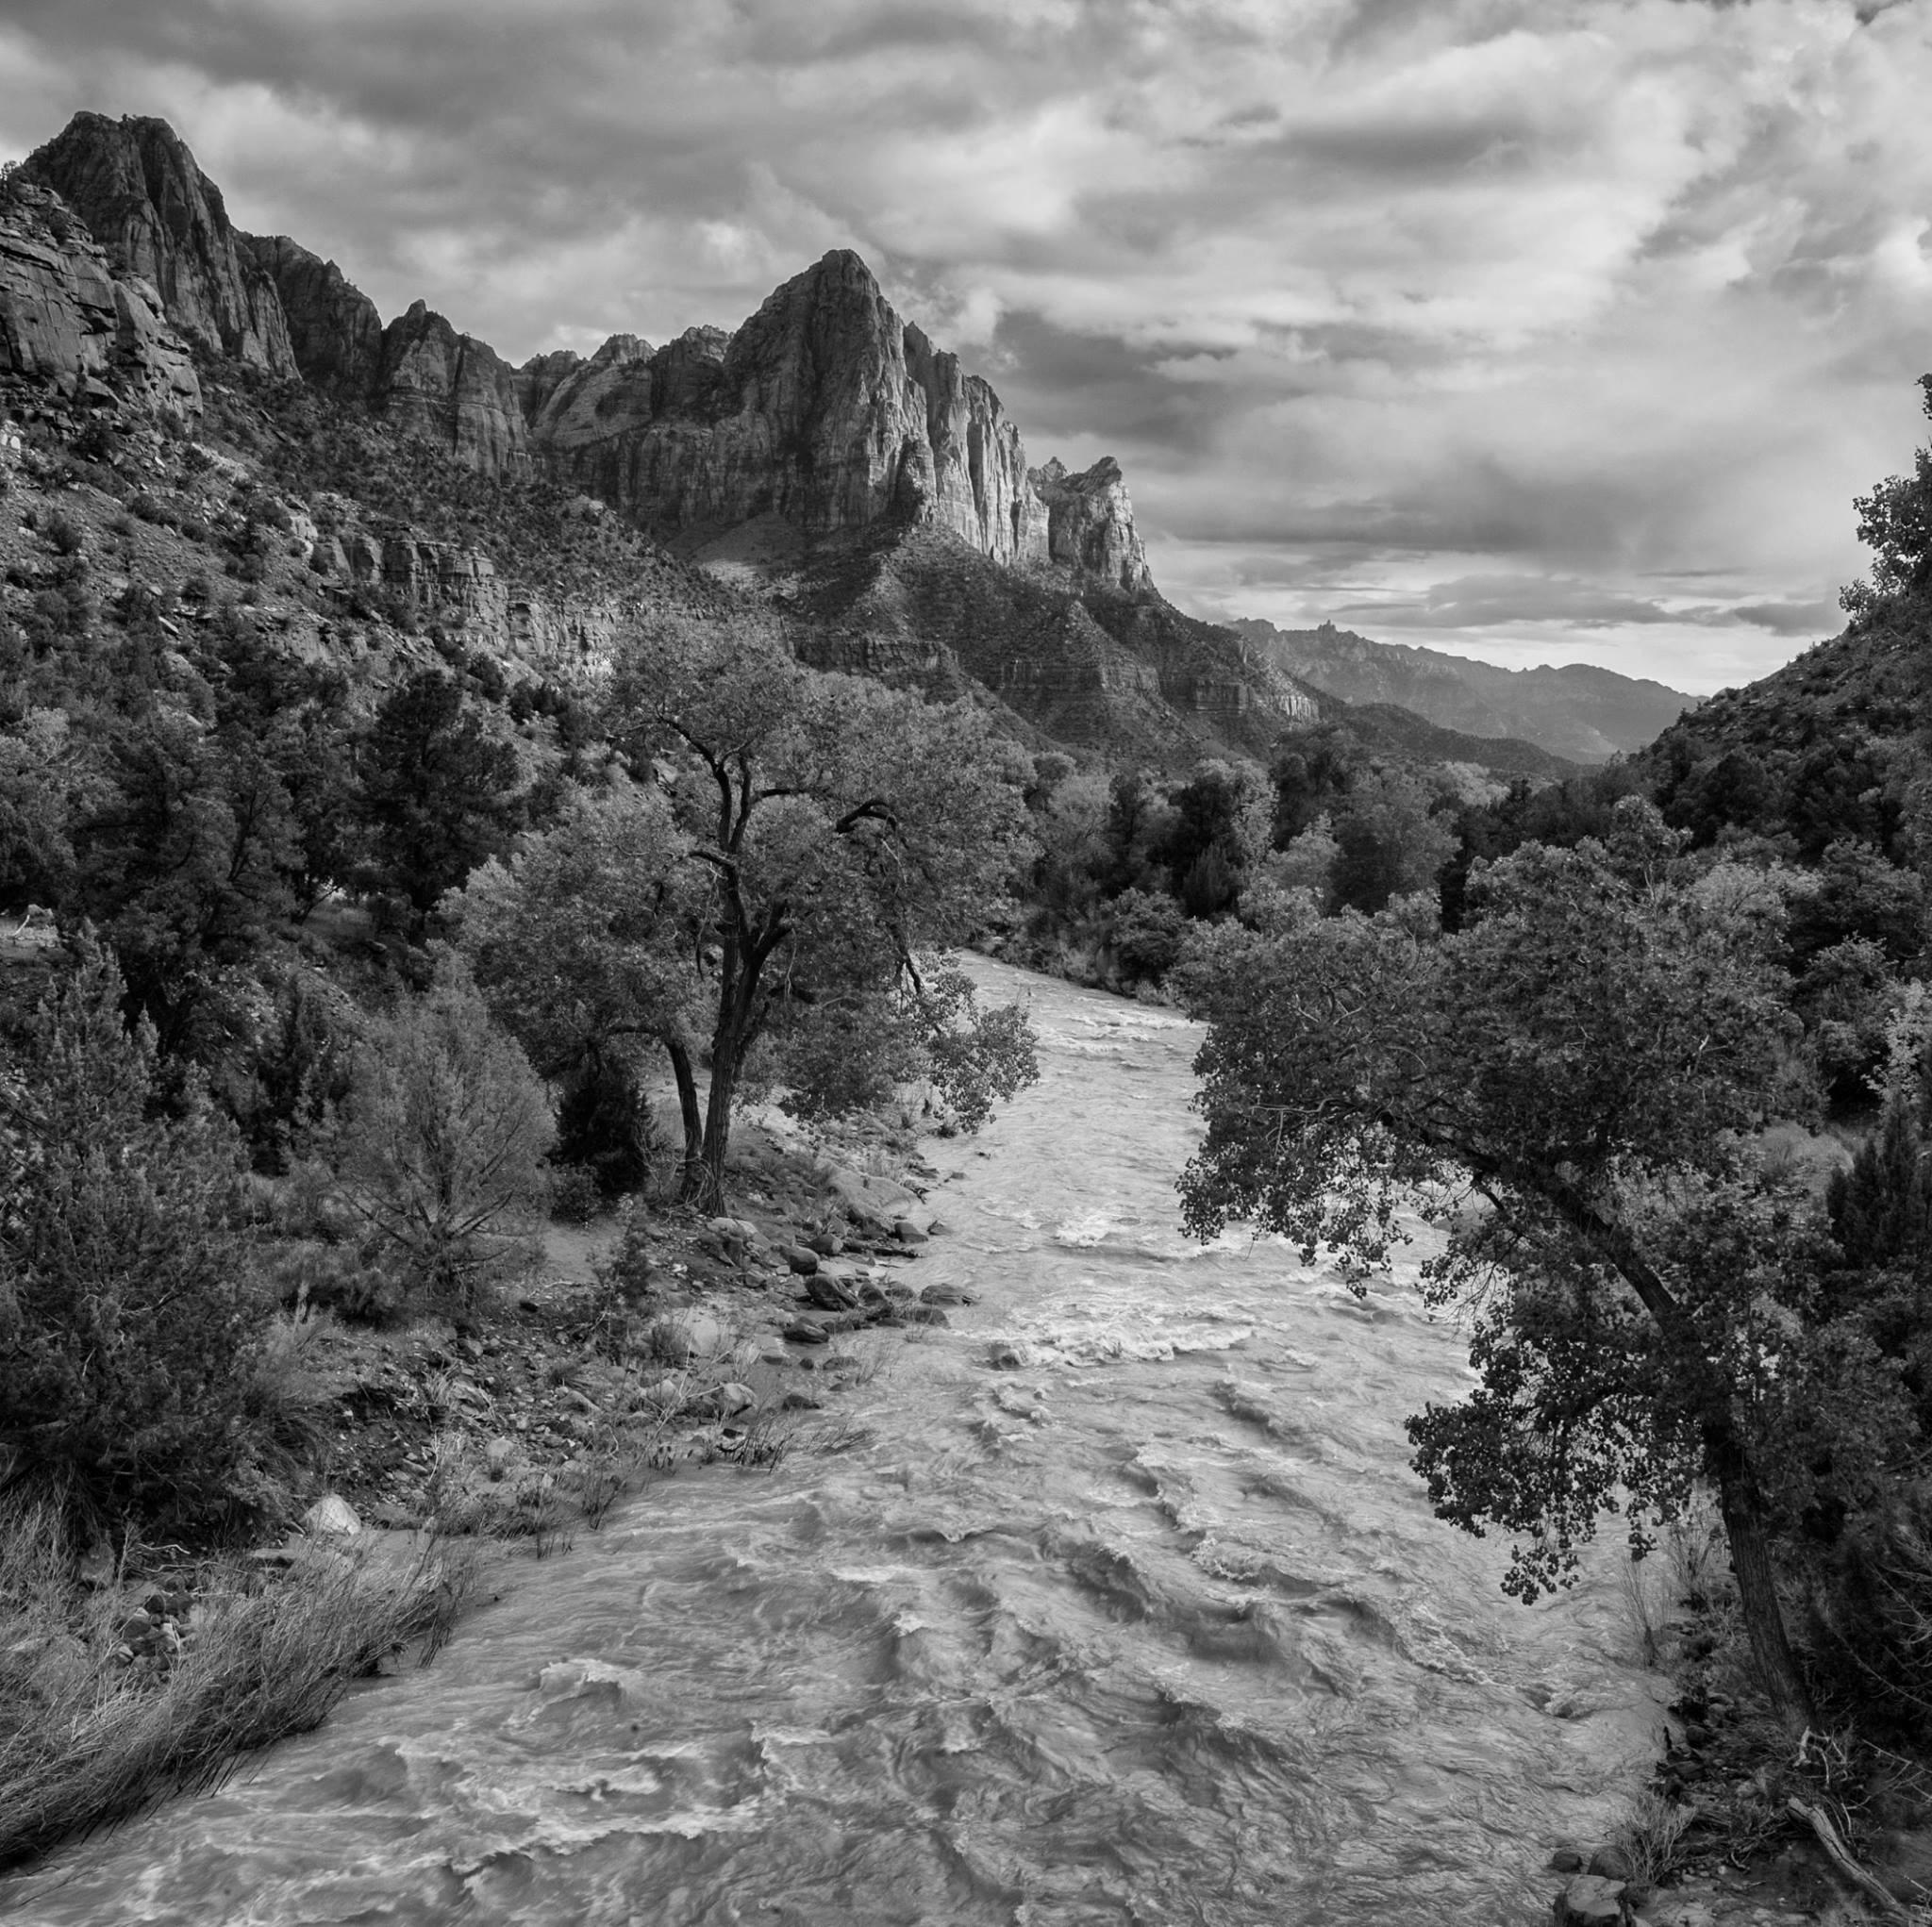 Zion National Park by desmcmahon5